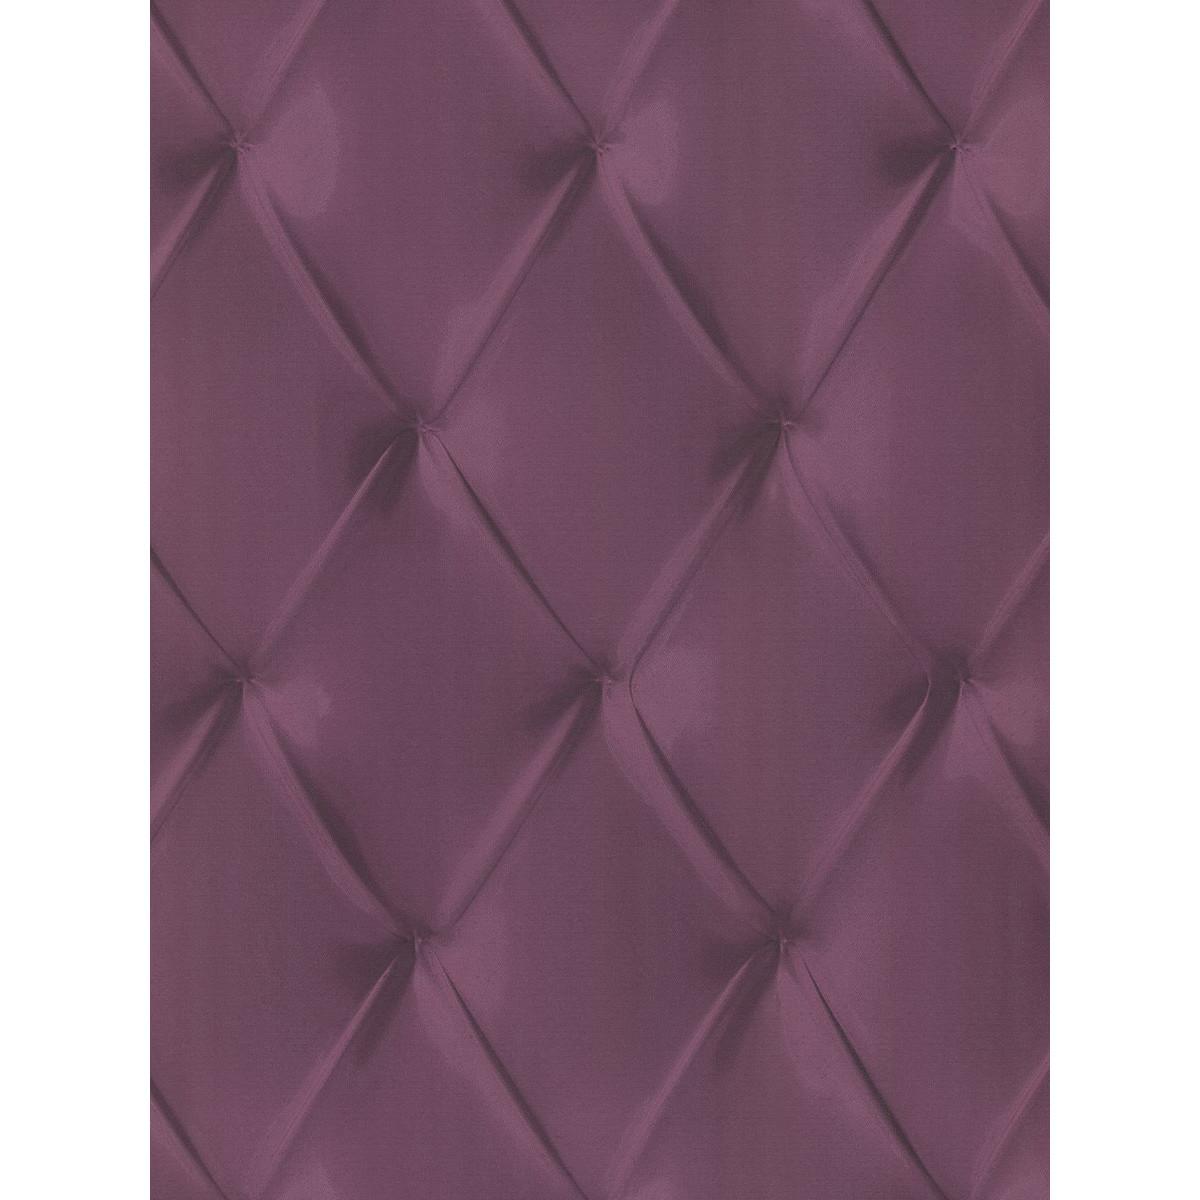 Декоративные обои Gianfranco Ferre Home розовые 60065GF 0.7 м